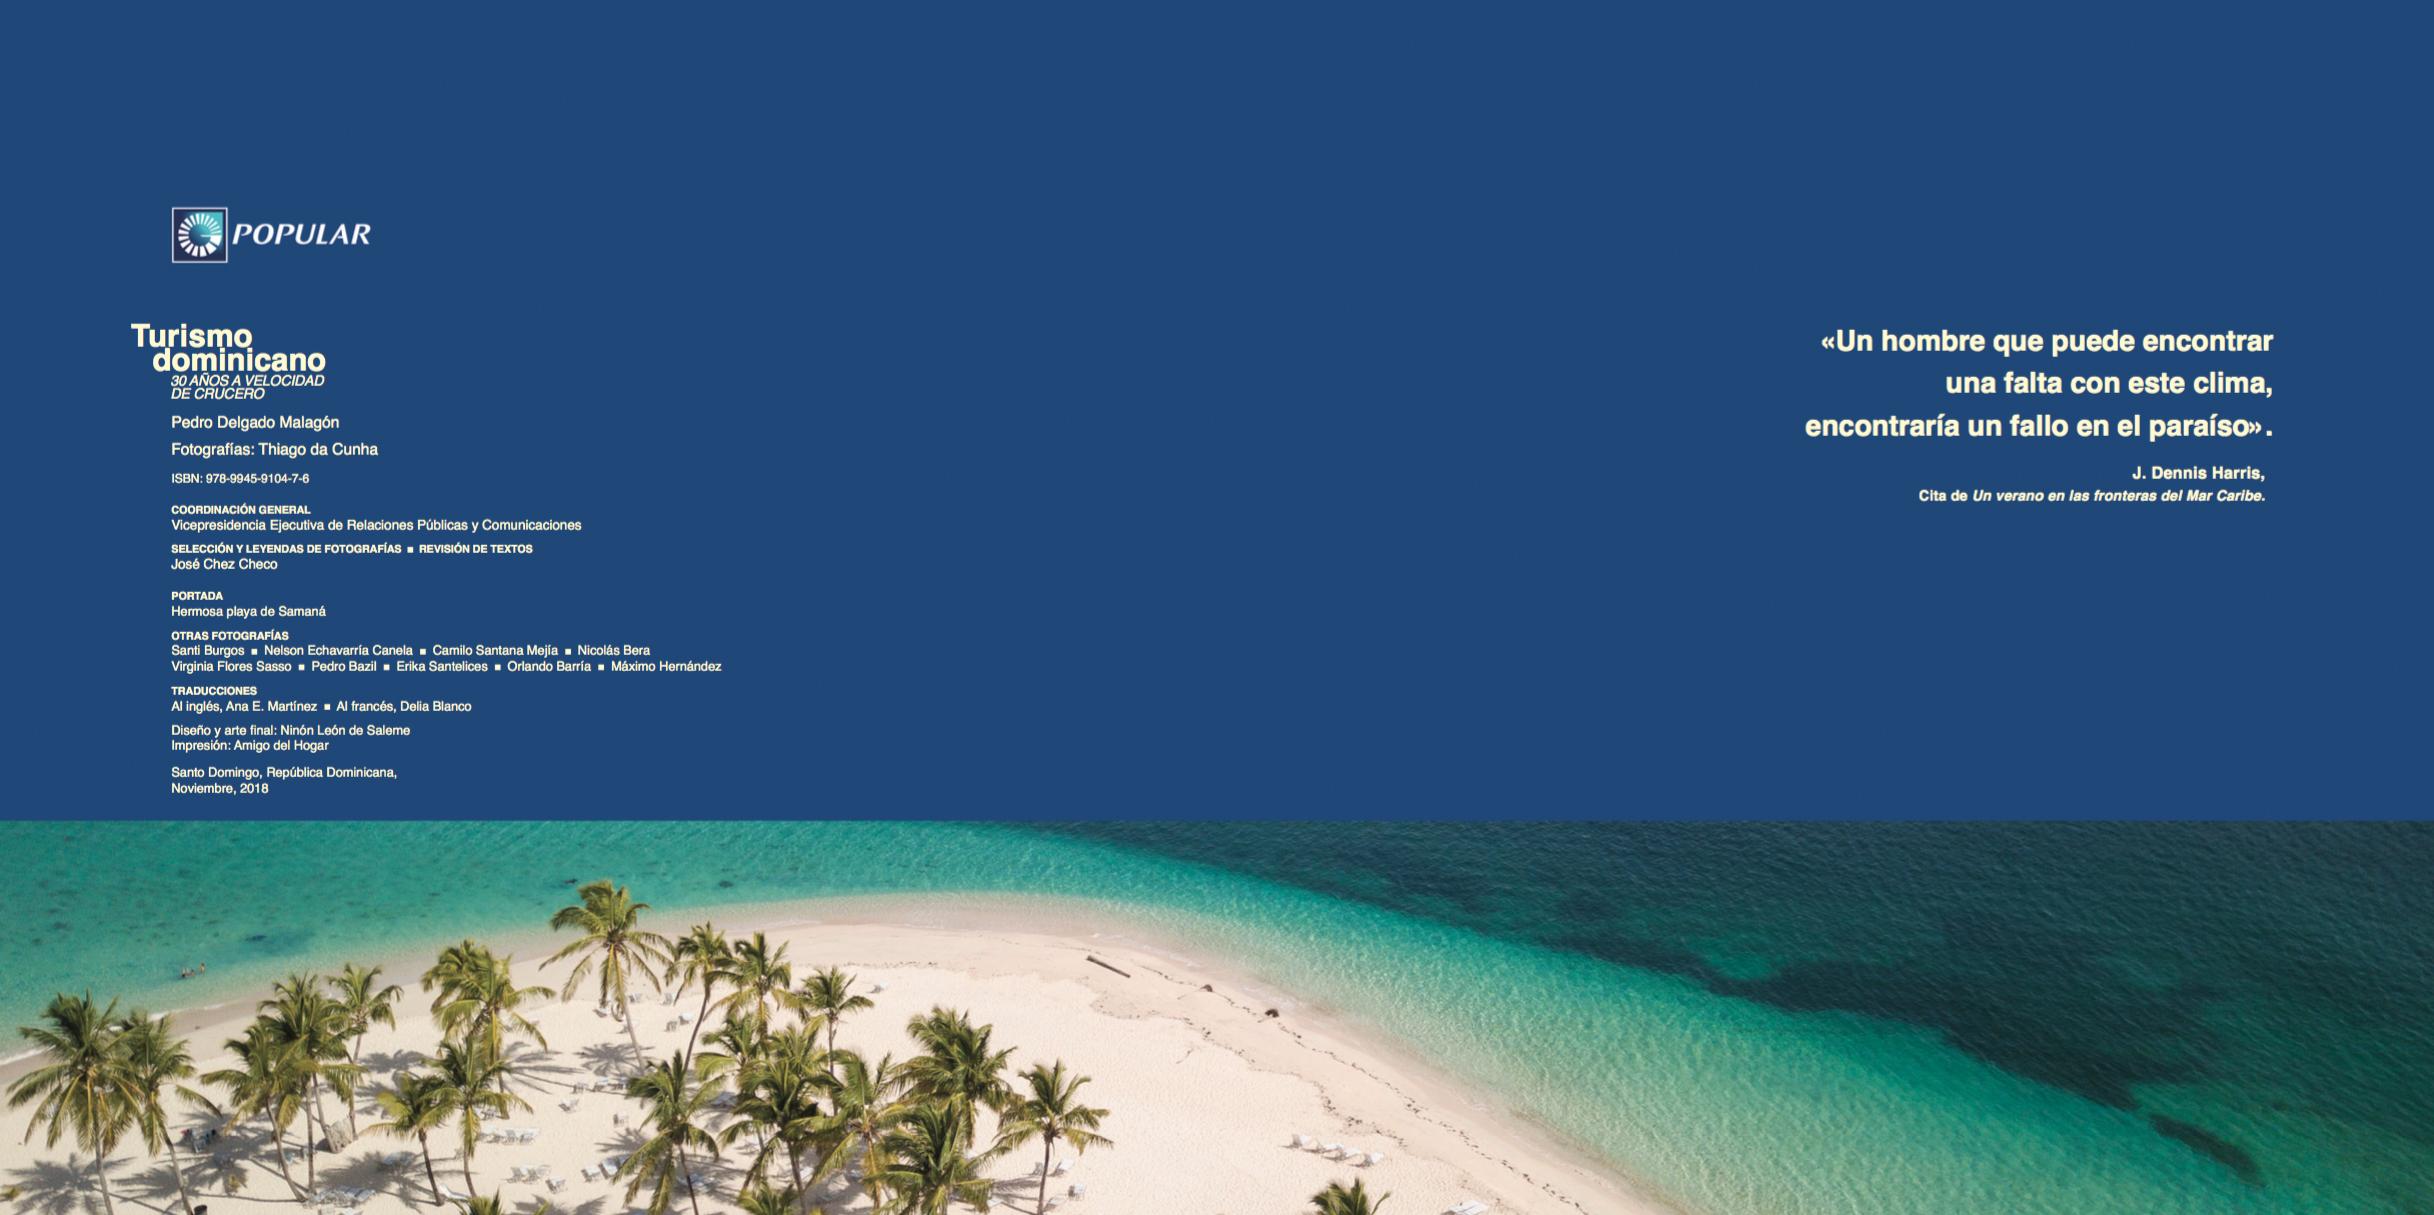 libro sobre turismo dominicano.jpg